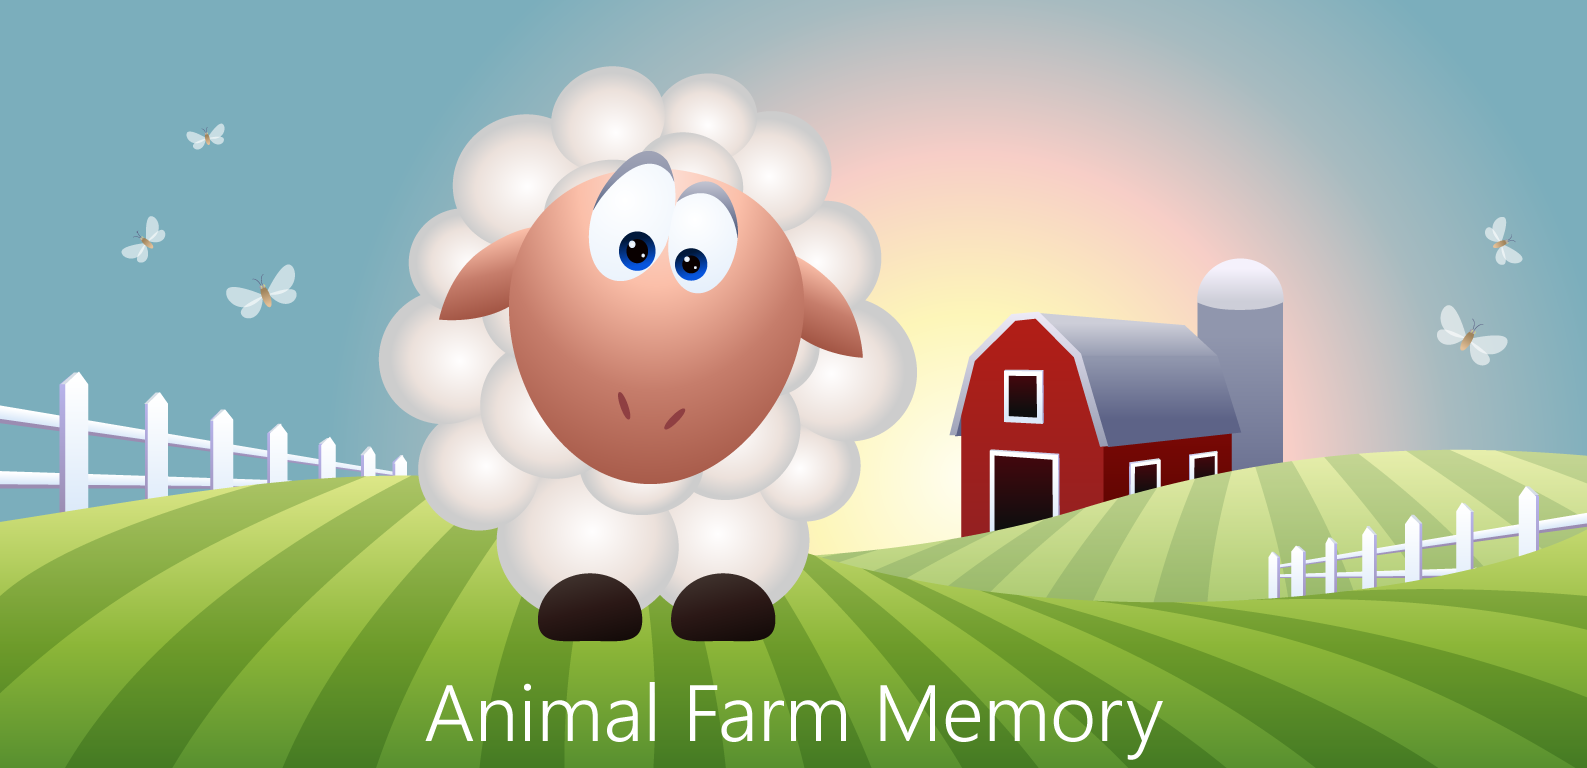 Pin by Rosie Bennen on Farm birthday Farm theme, Farm